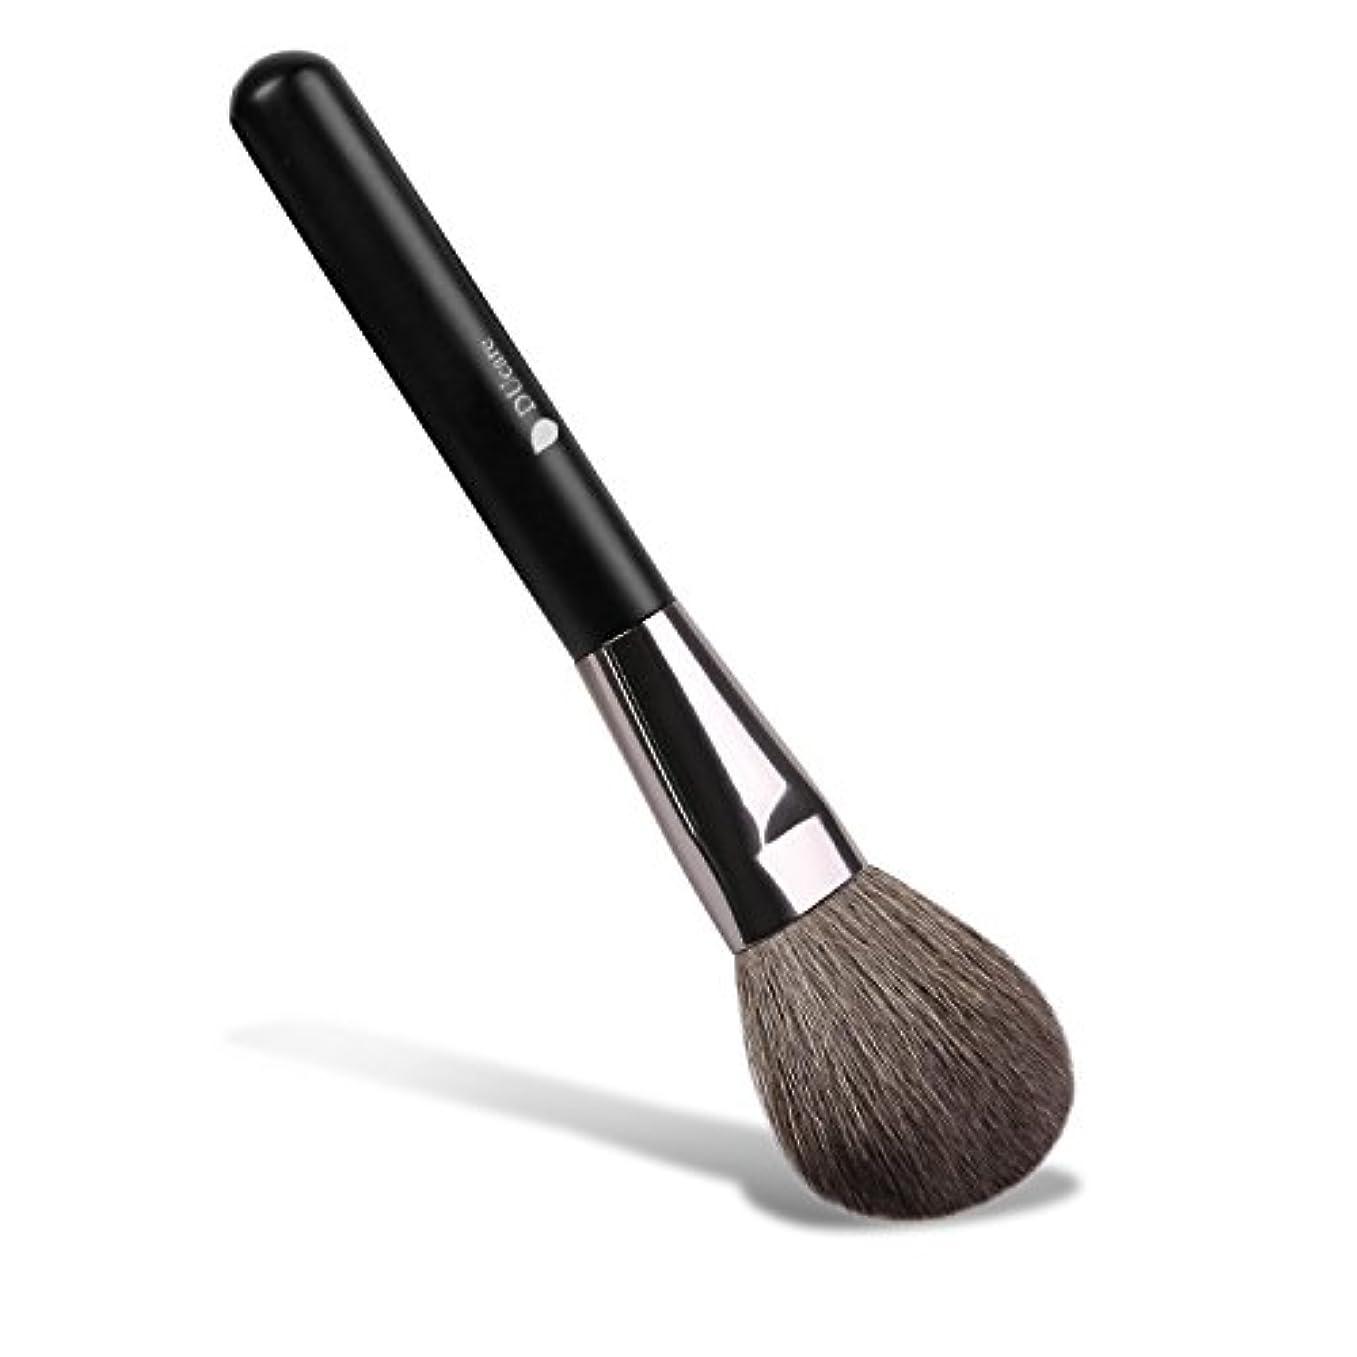 わがまま反対に石のDUcare ドゥケア 化粧筆 山羊毛 フェイスブラシ パウダー&チークブラシ 天然毛をたっぷり使用